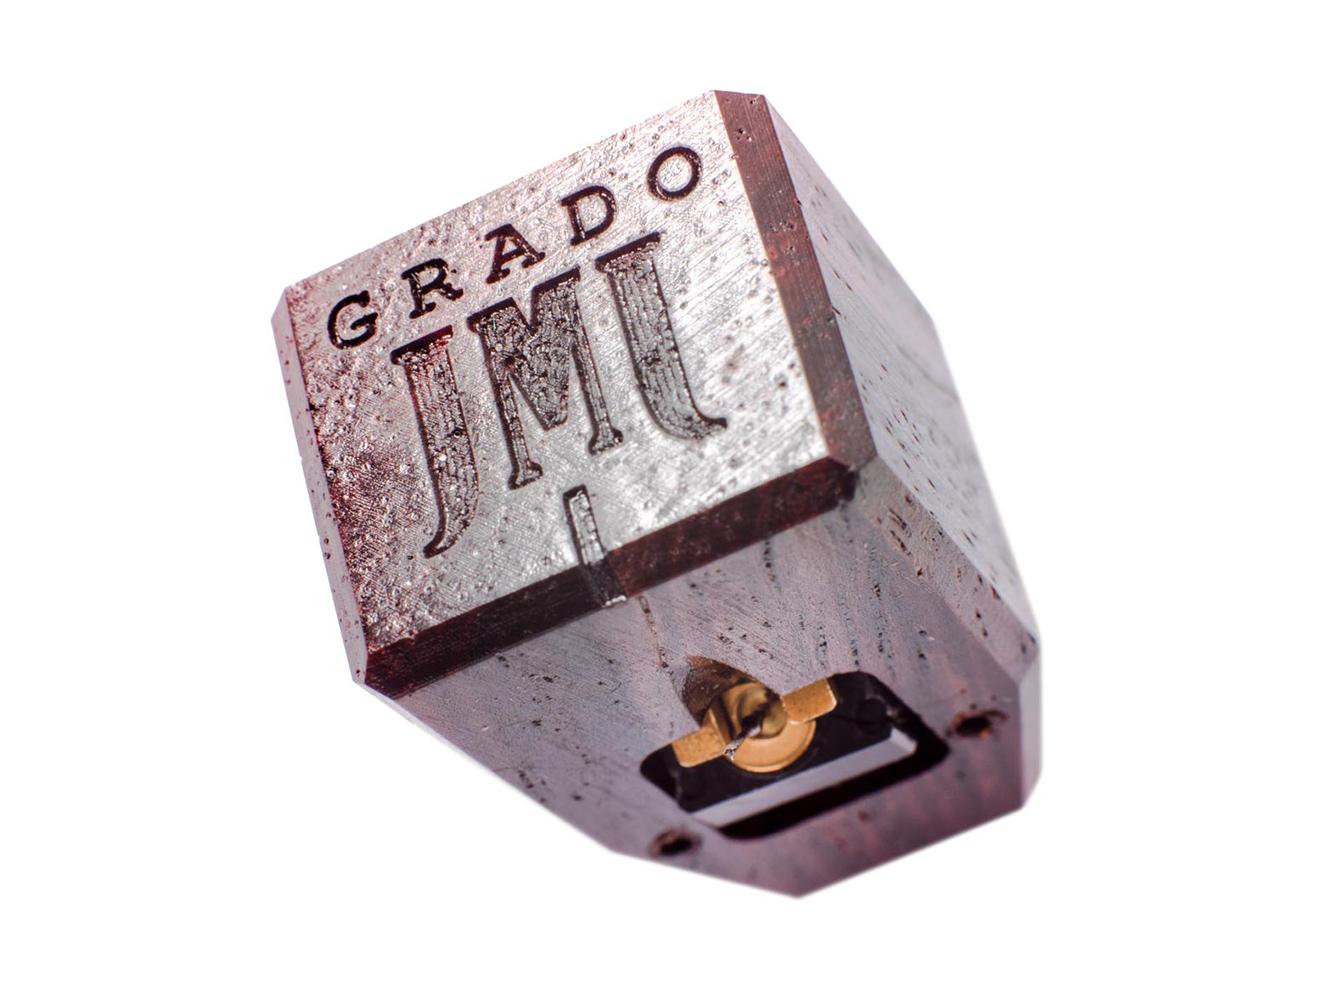 GRADO Epoch グラド フォノカートリッジ